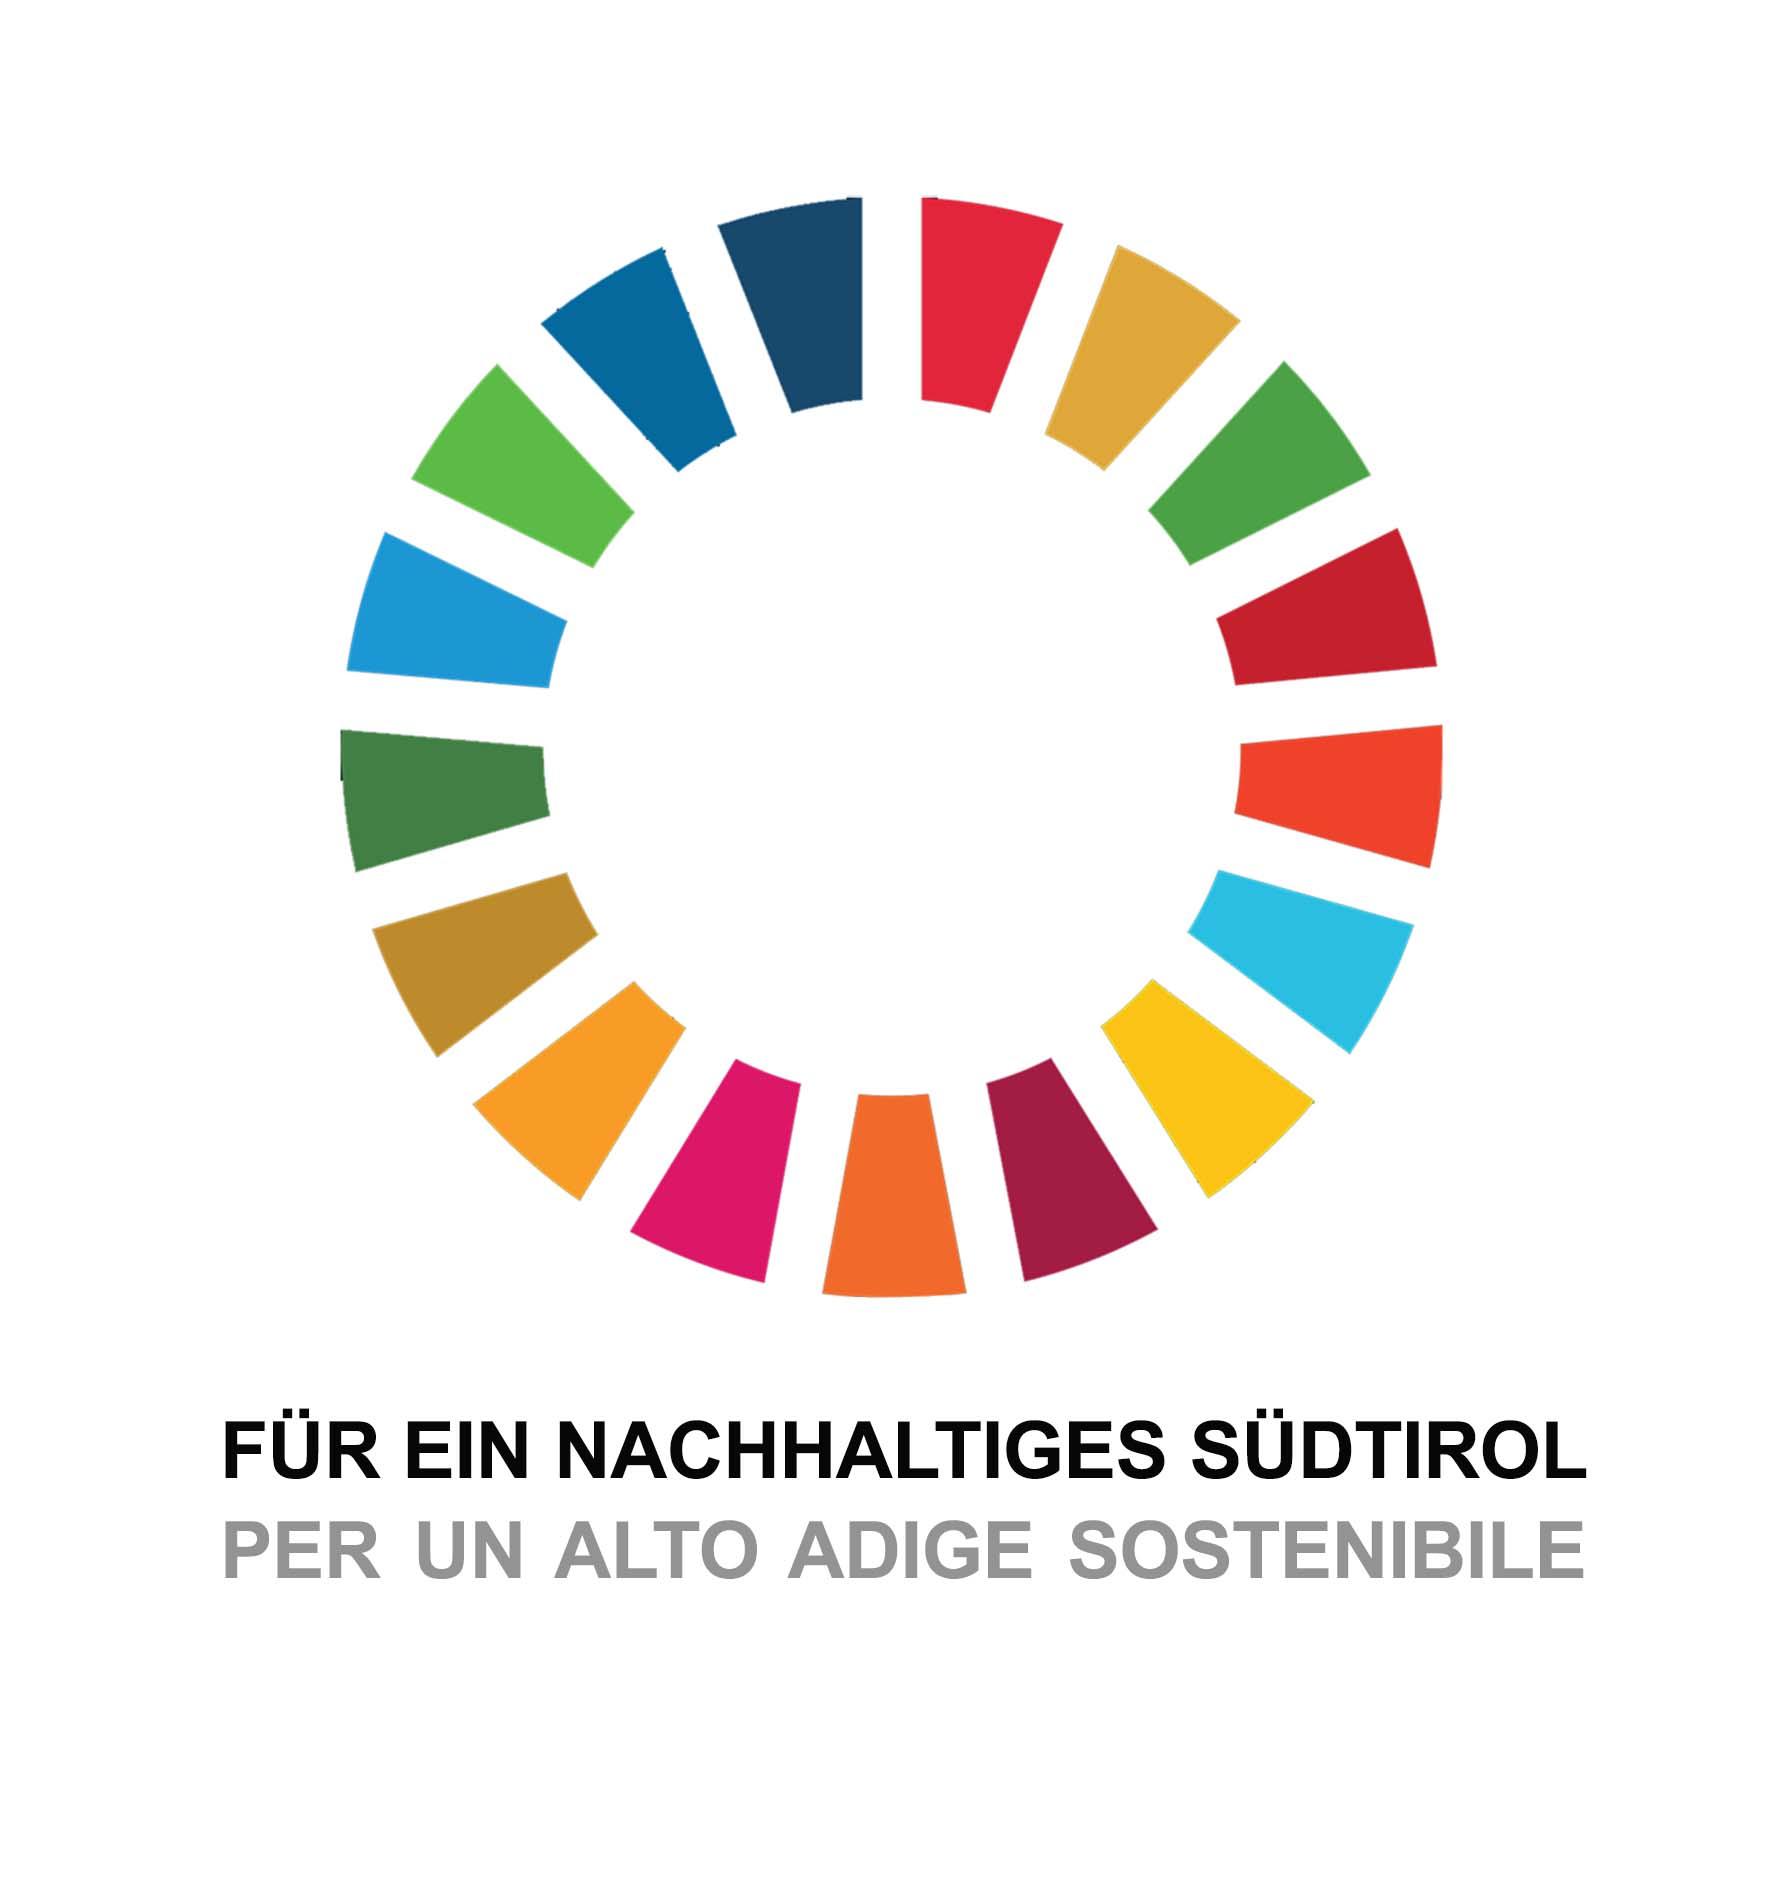 La rete dell'Alto Adige per la sostenibilità (logo)